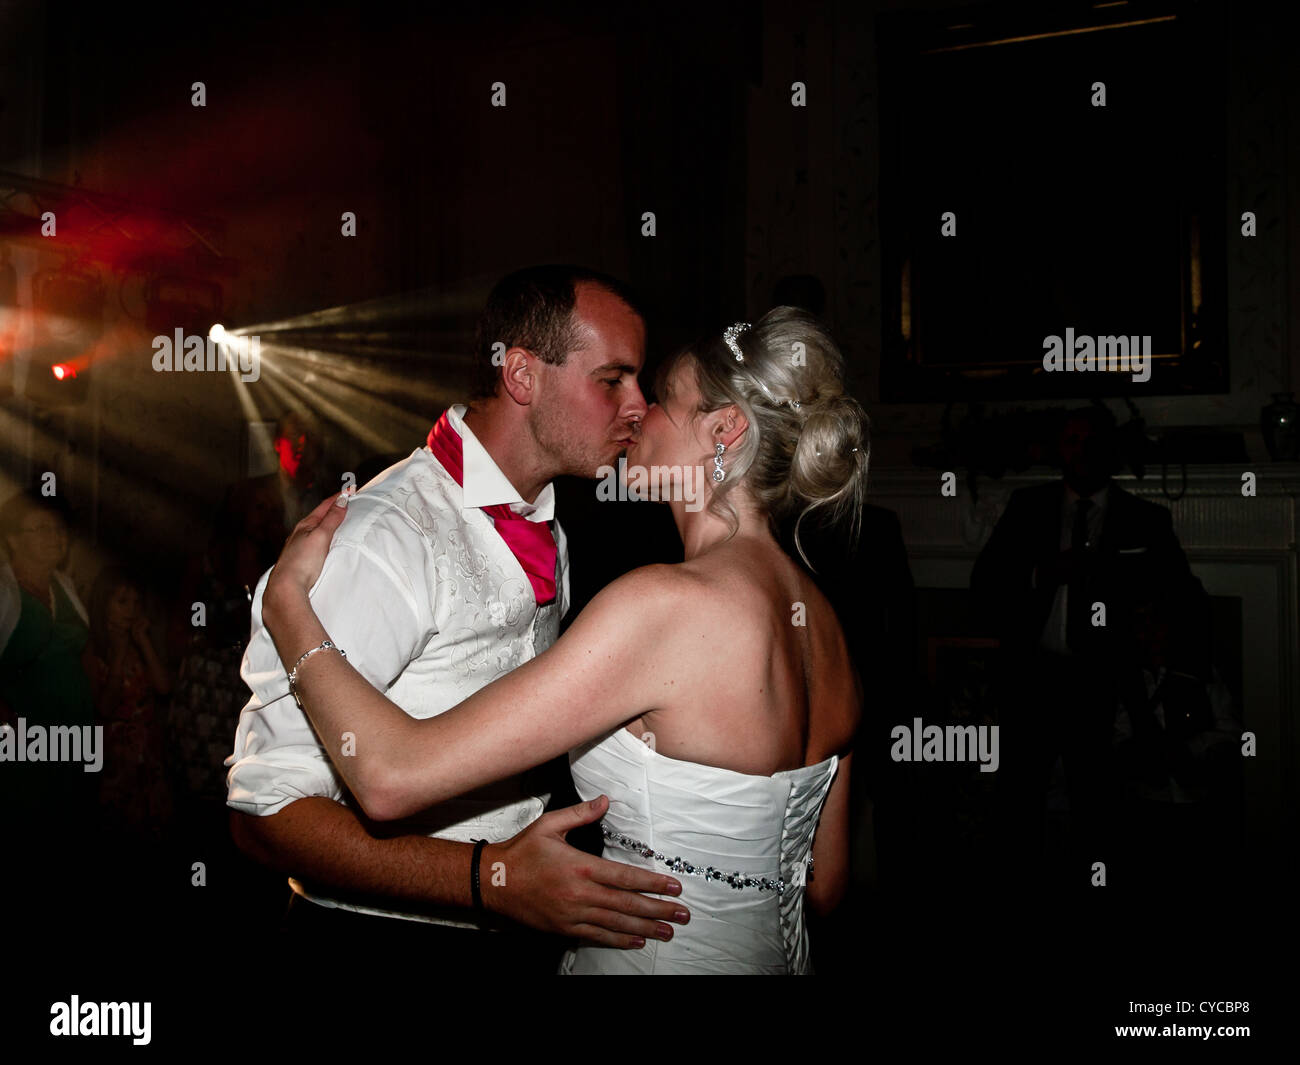 La novia y el novio se besan románticamente durante el primer baile en el día de su boda. Imagen De Stock